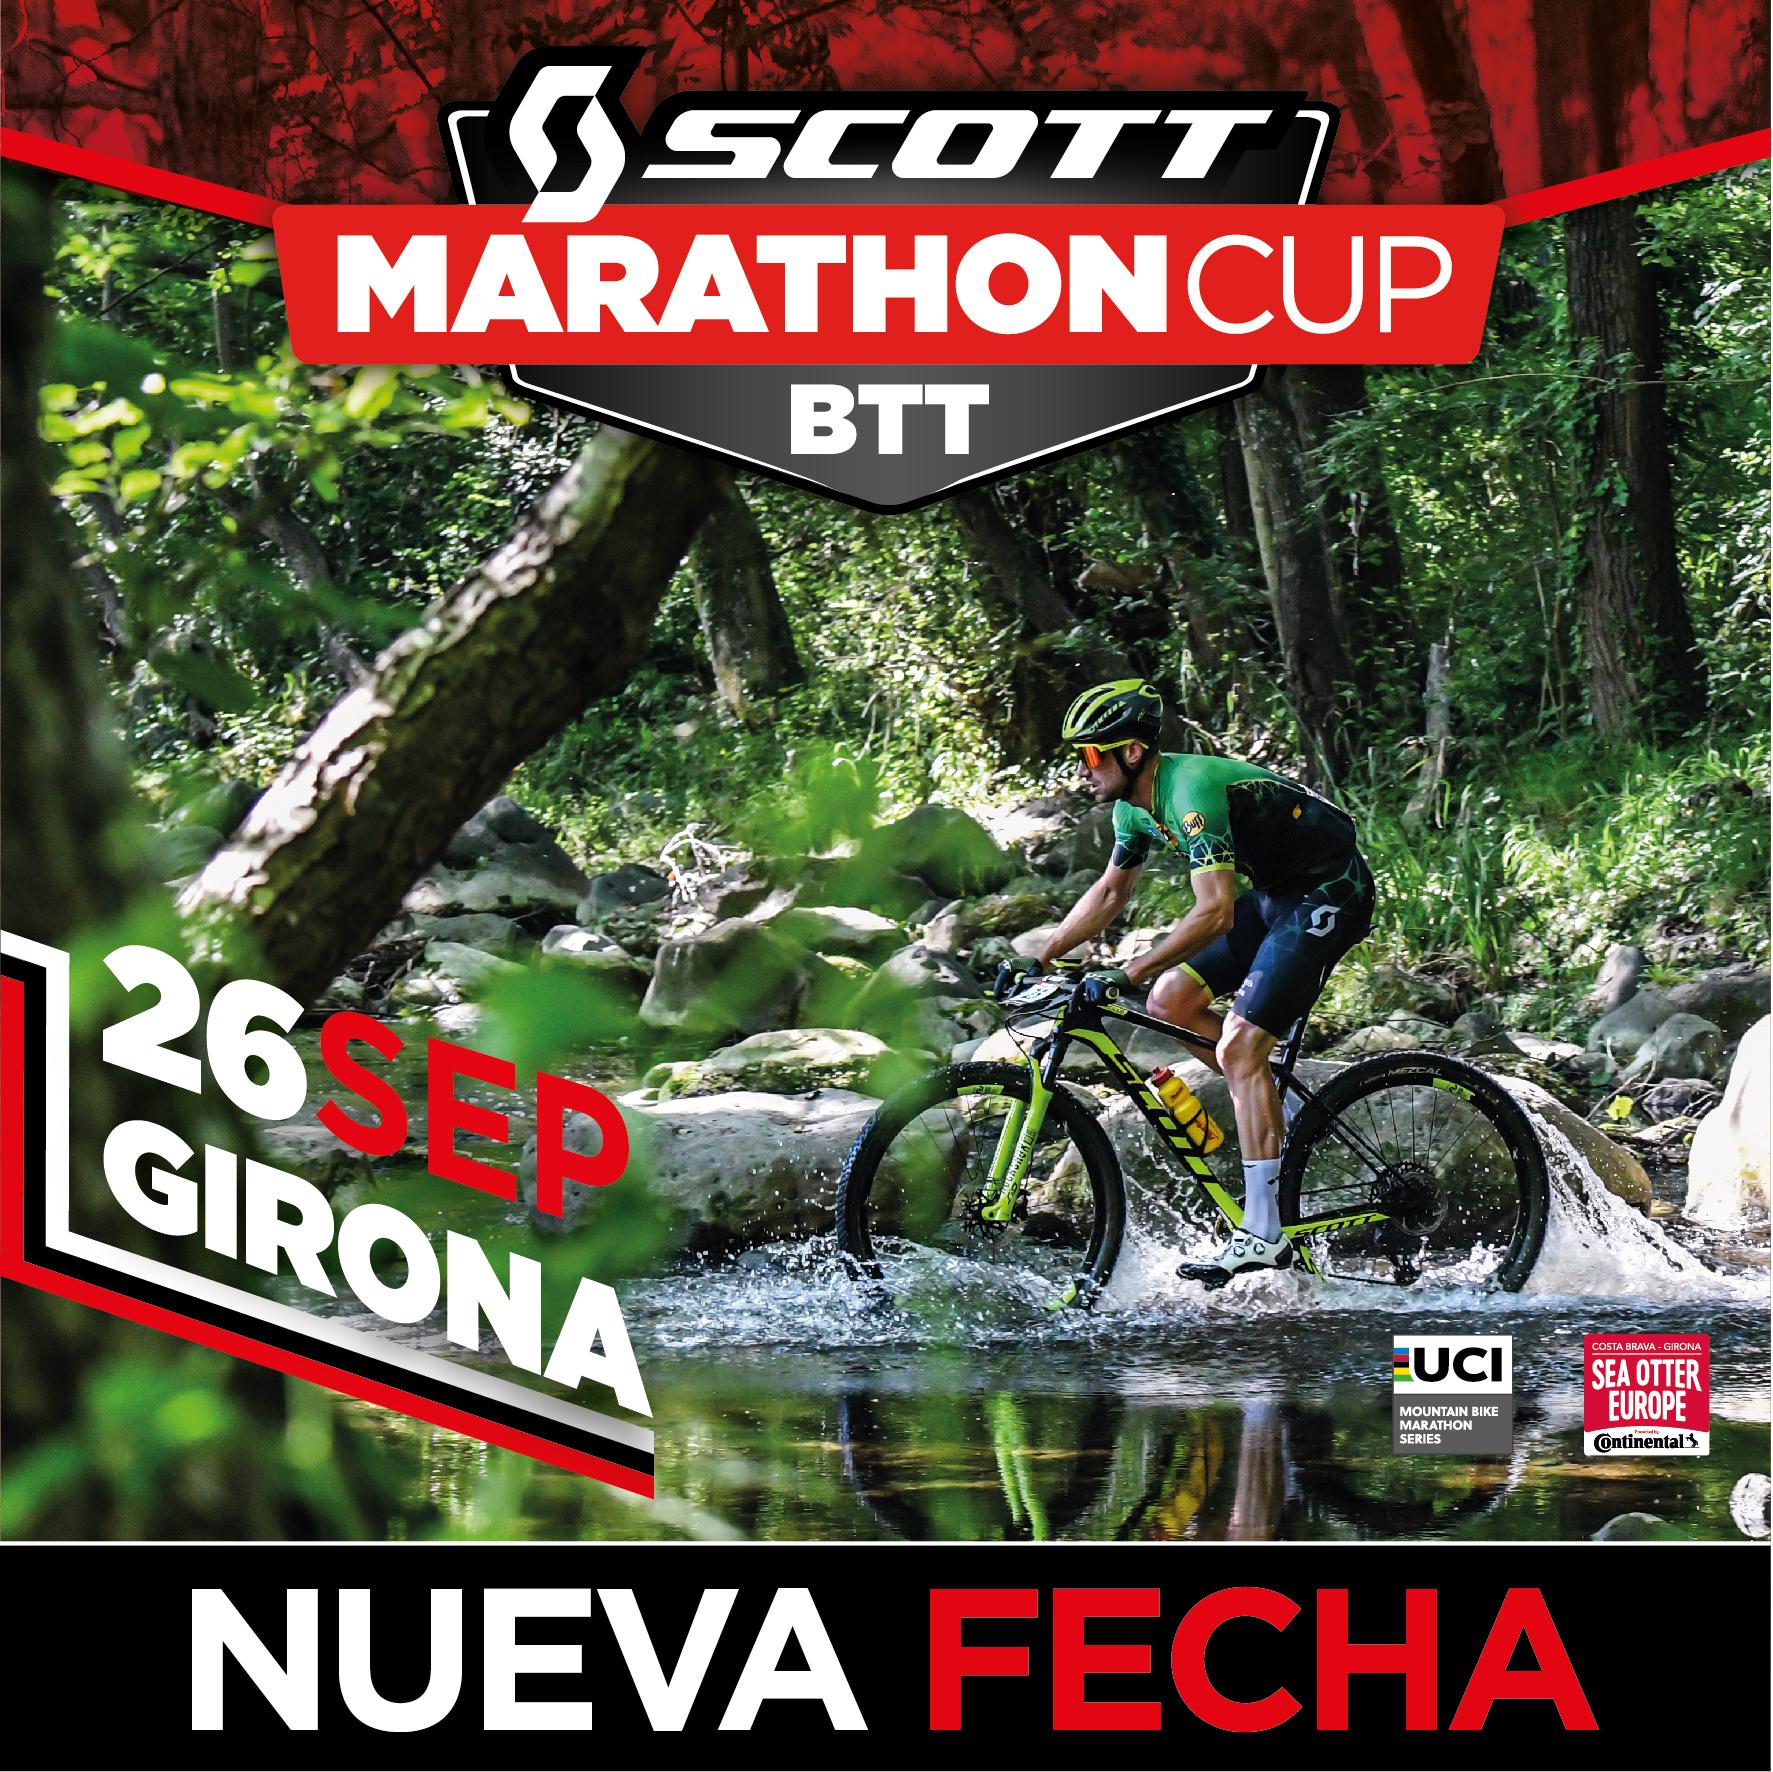 El festival ciclista Sea Otter Europe Costa Brava-Girona Bike Show 2020 se aplaza y se celebrar� del 25 al 27 de septiembre